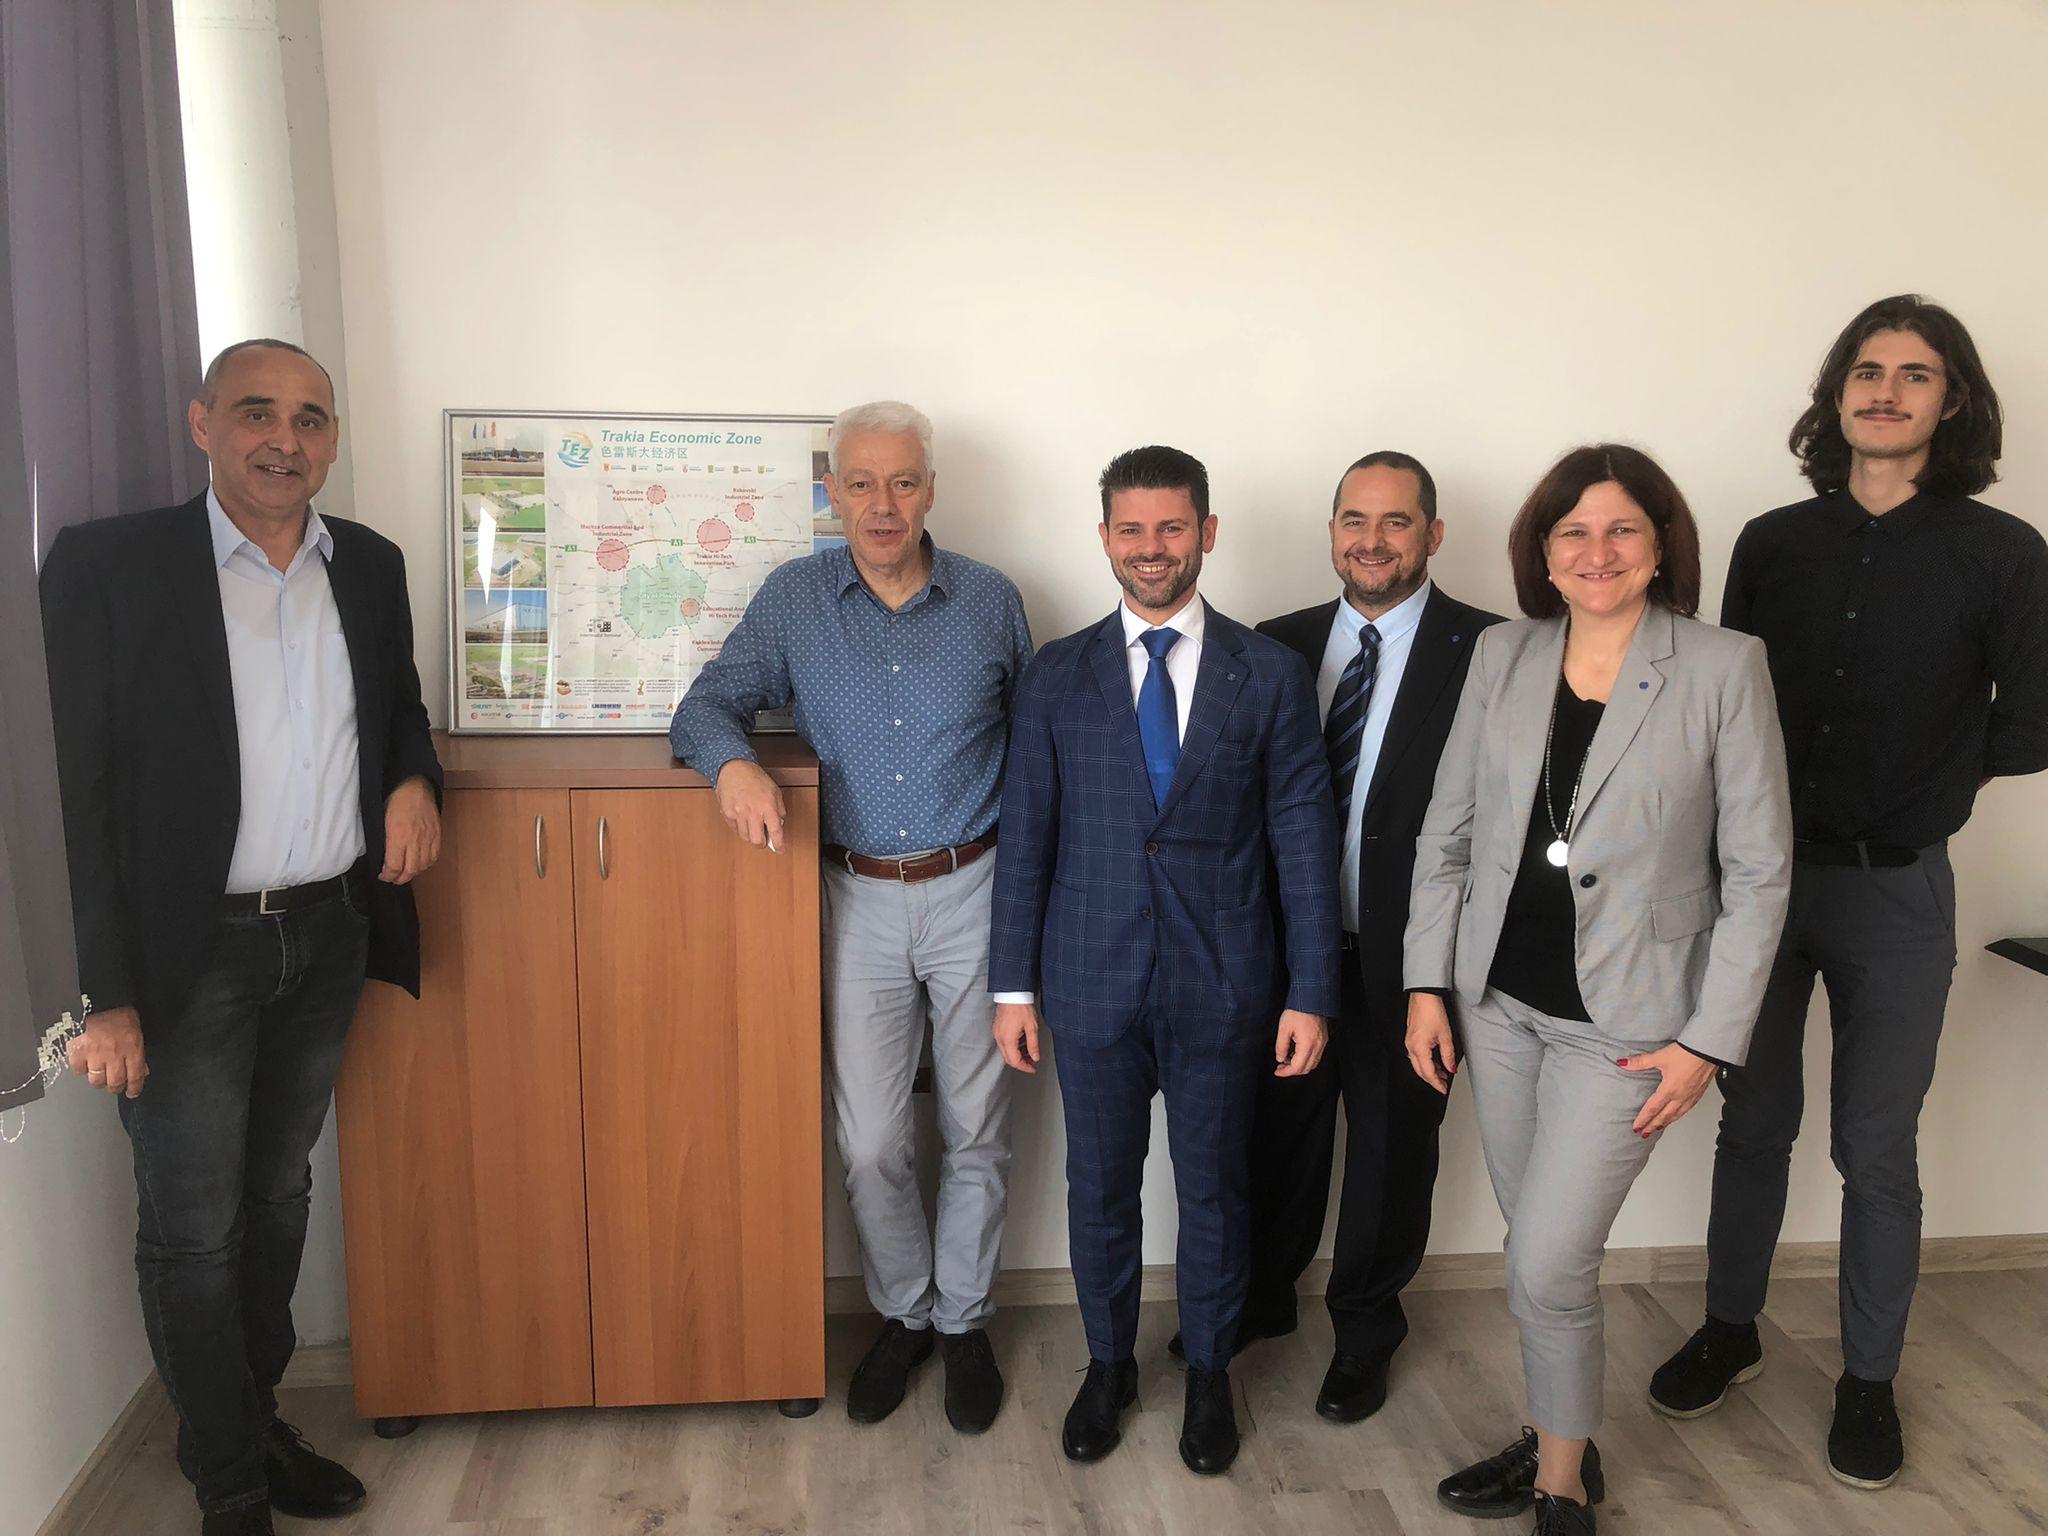 """Конфиндустрия България ще си сътрудничи с """"Тракия икономическа зона"""" в образованието и енергетиката"""